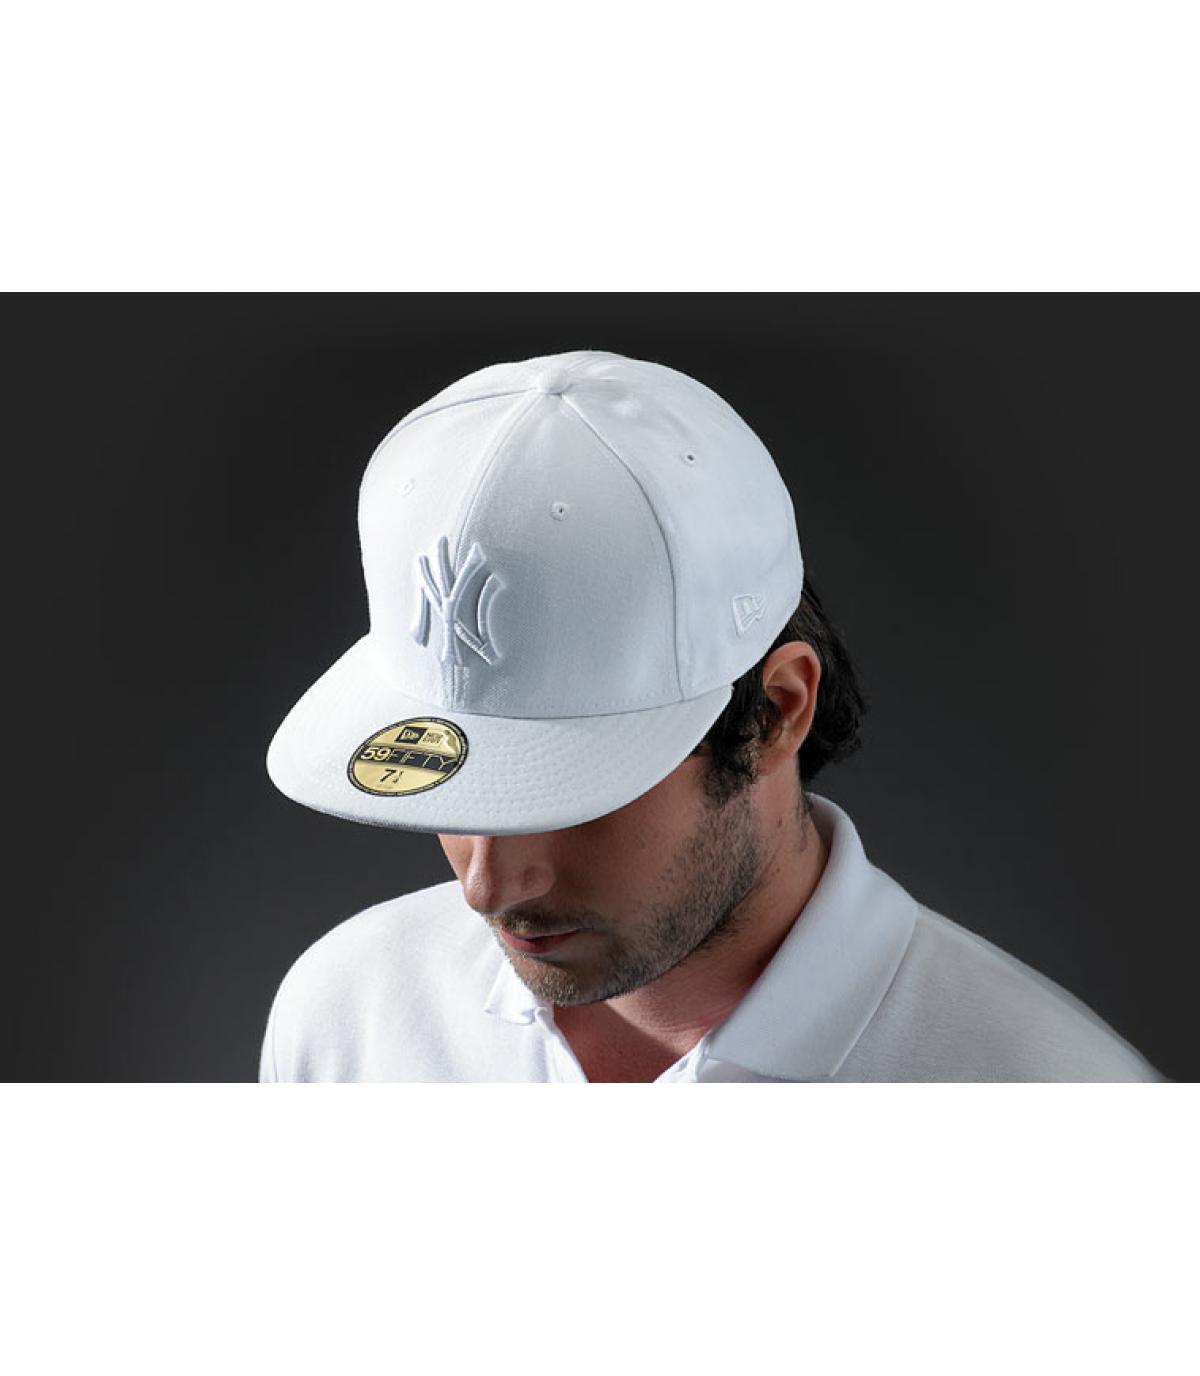 ny cap white